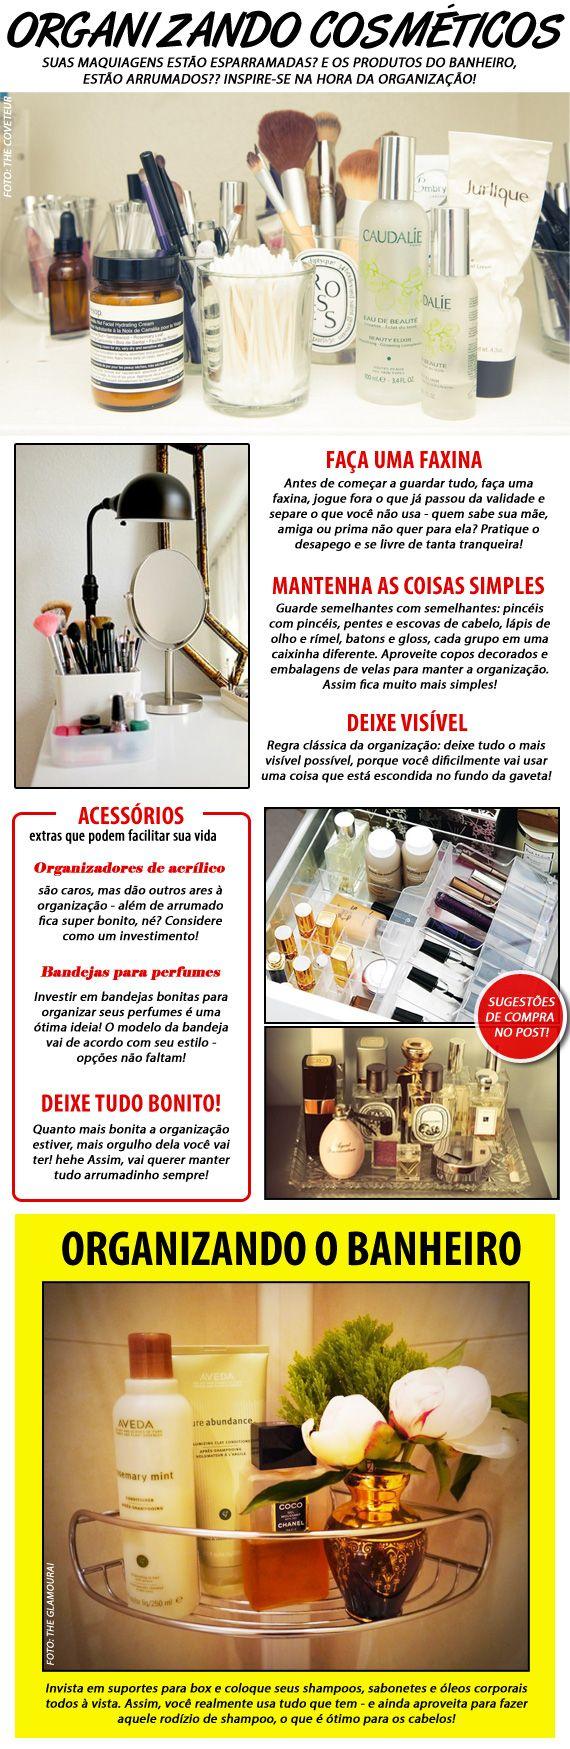 Organizando os cosméticos!